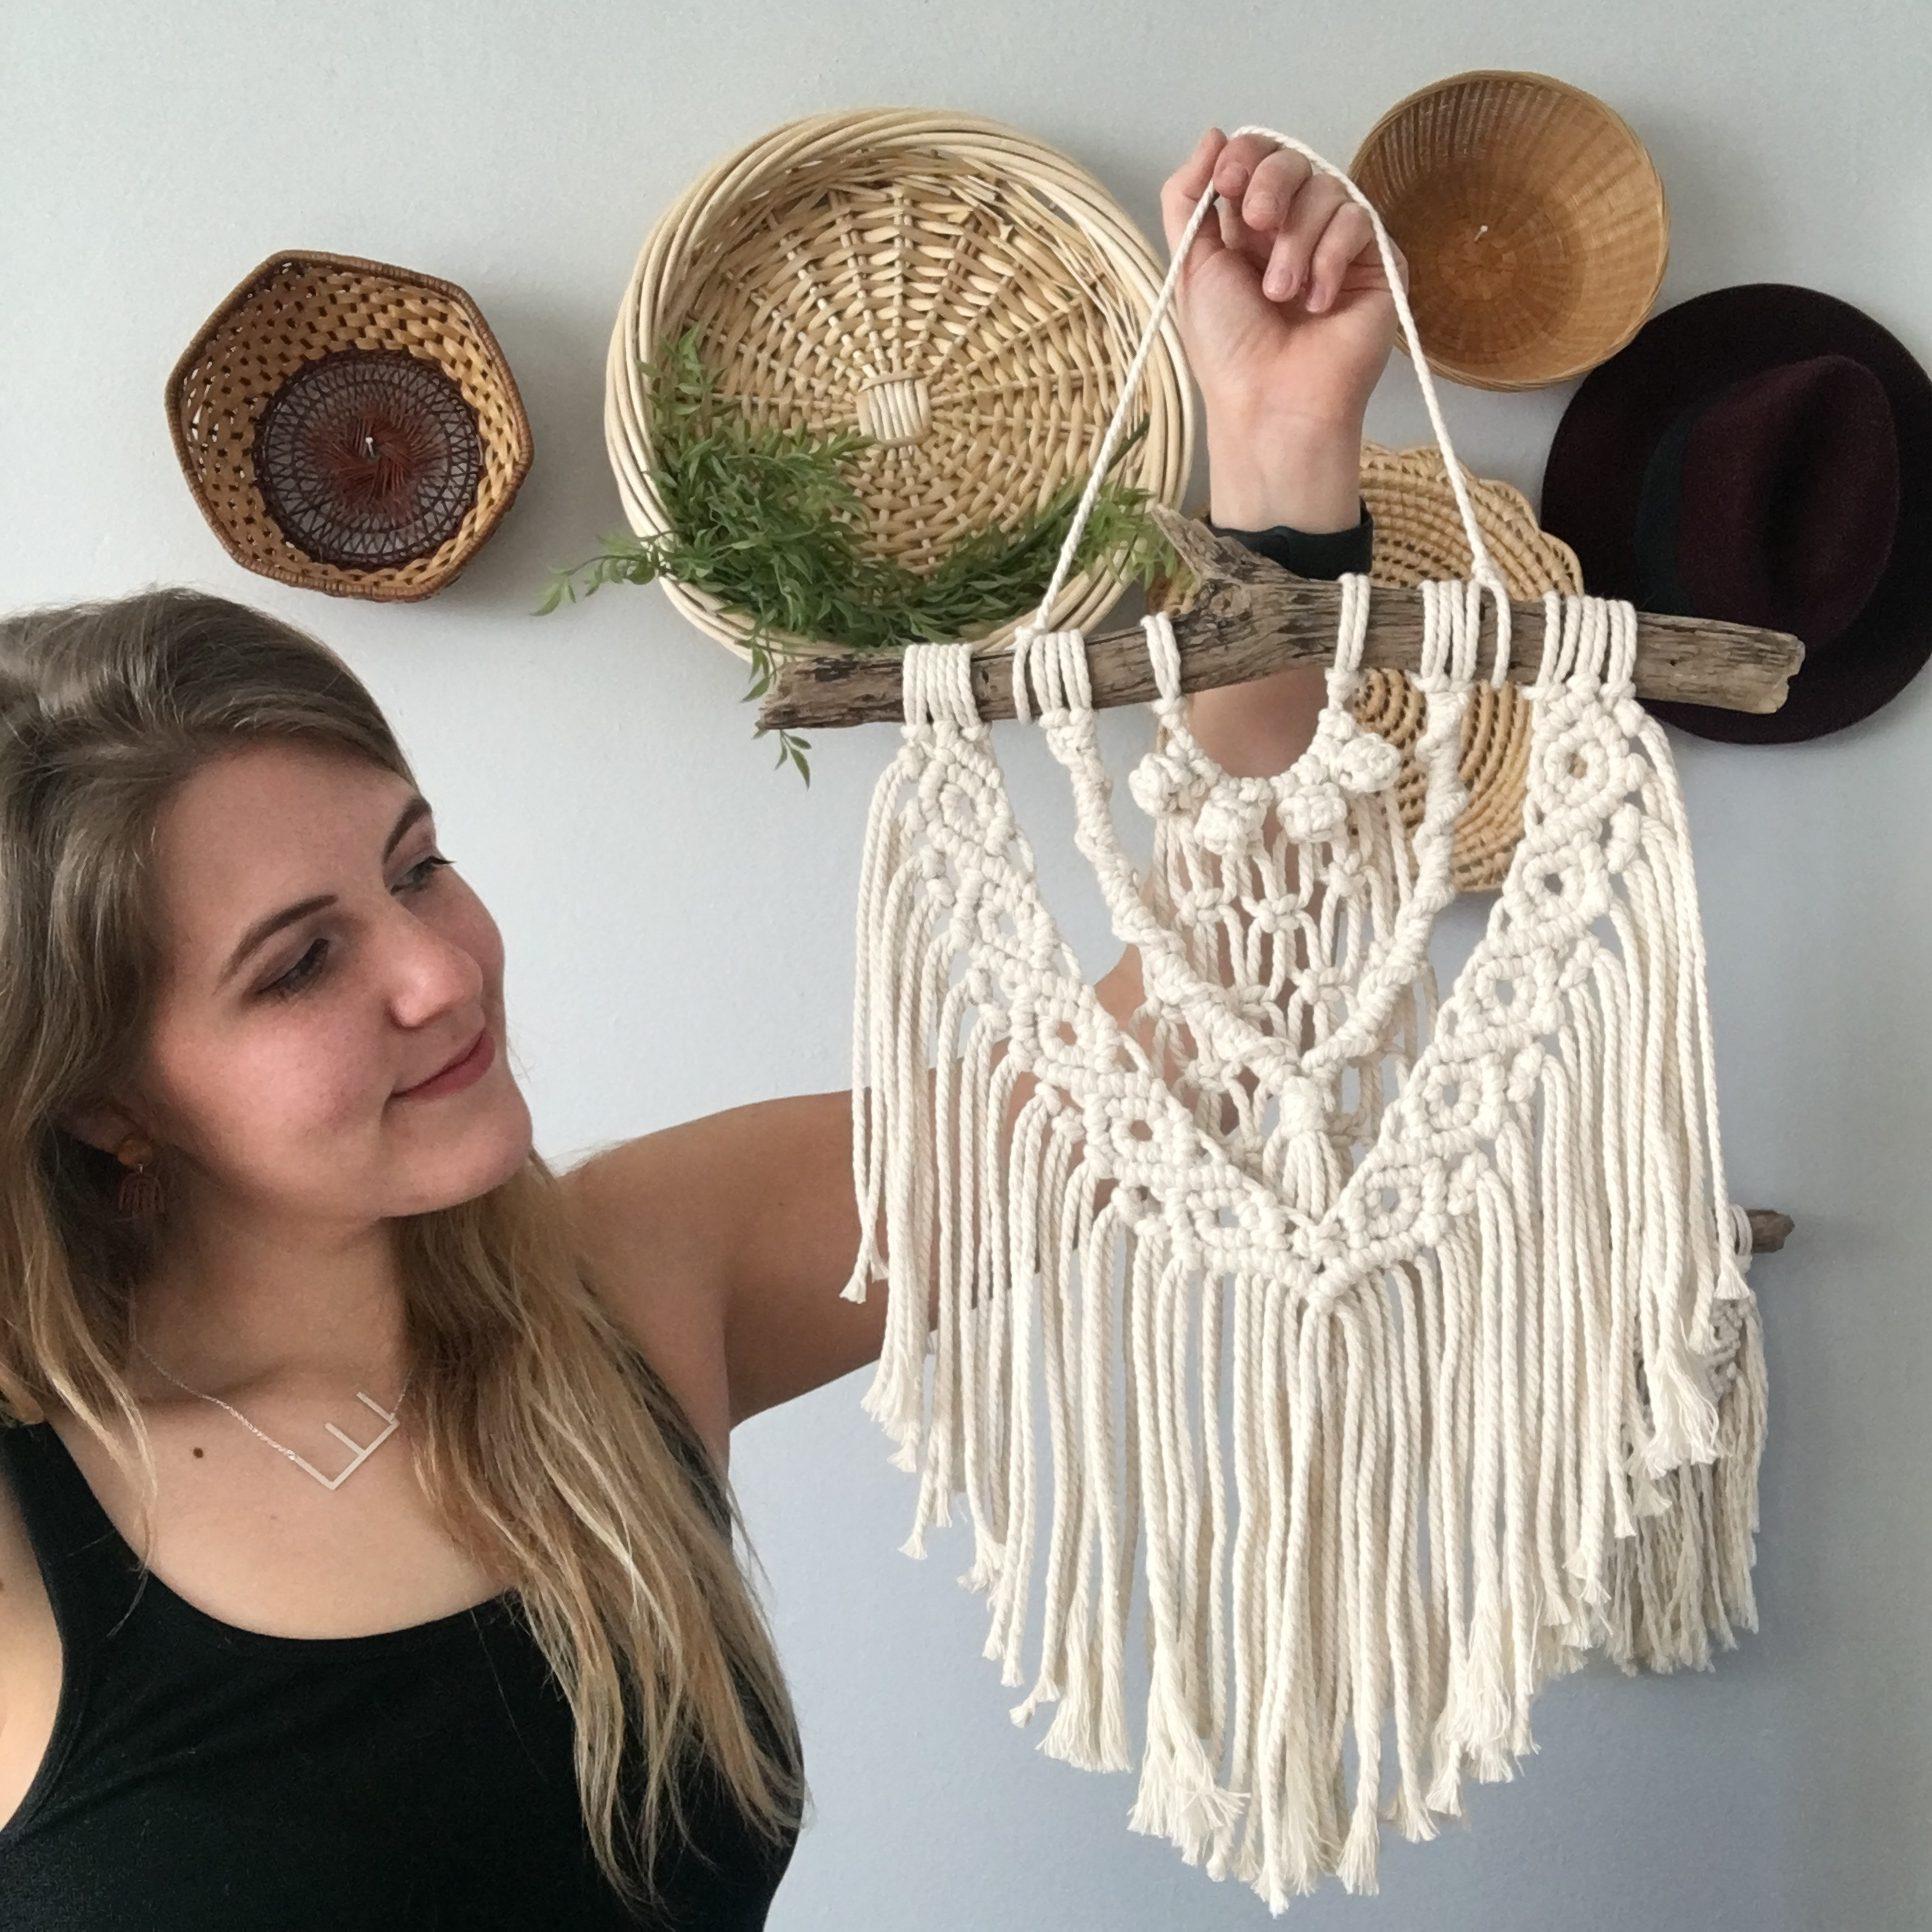 Meet Emily, owner of Strings On Sticks